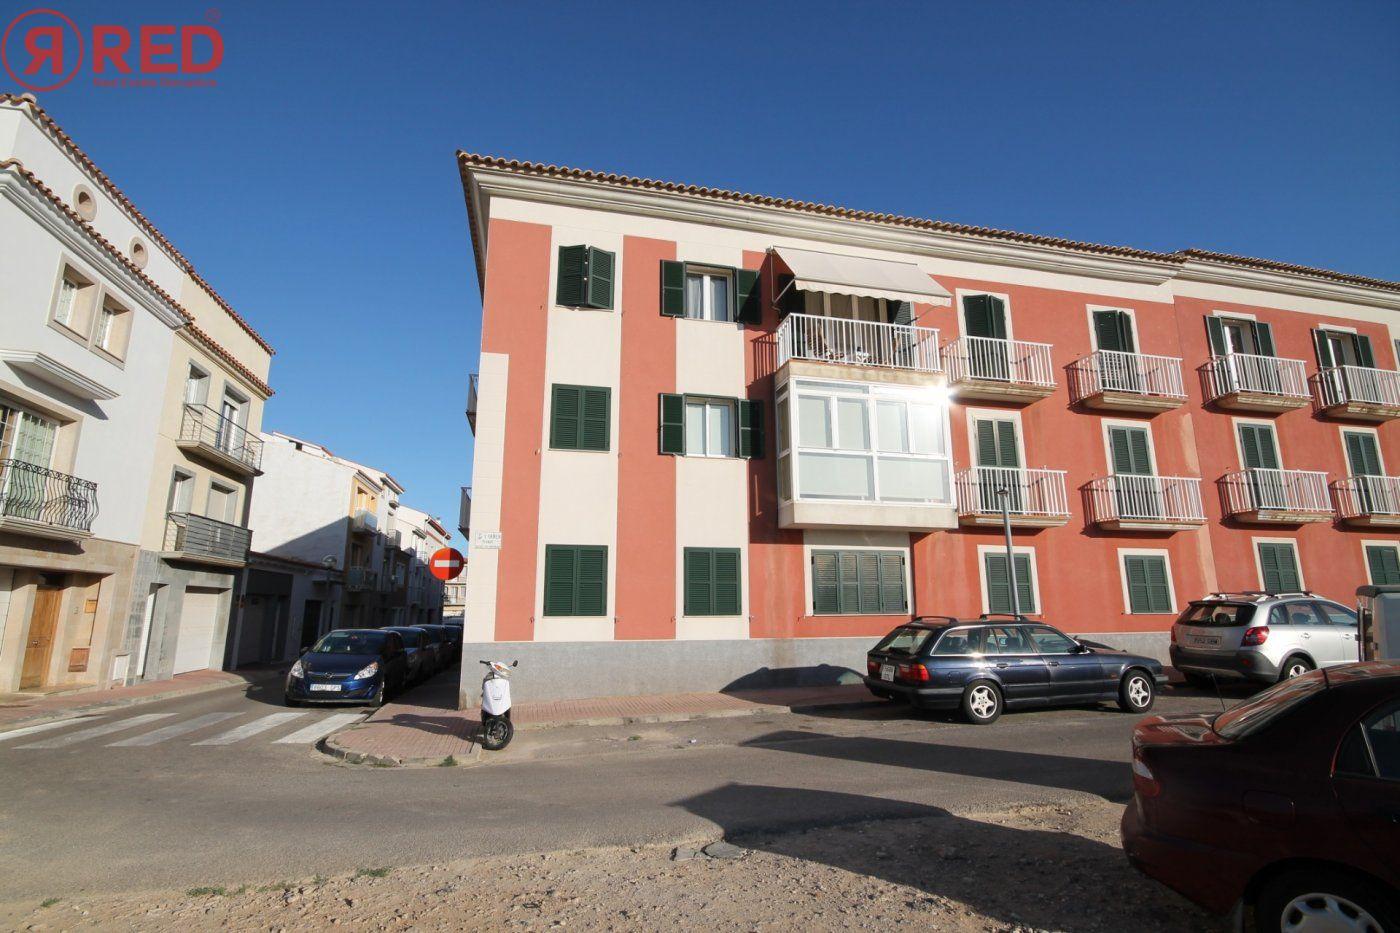 Dúplex con terraza y piscina comunitaria, equipamiento y mobiliario excepcional - imagenInmueble25